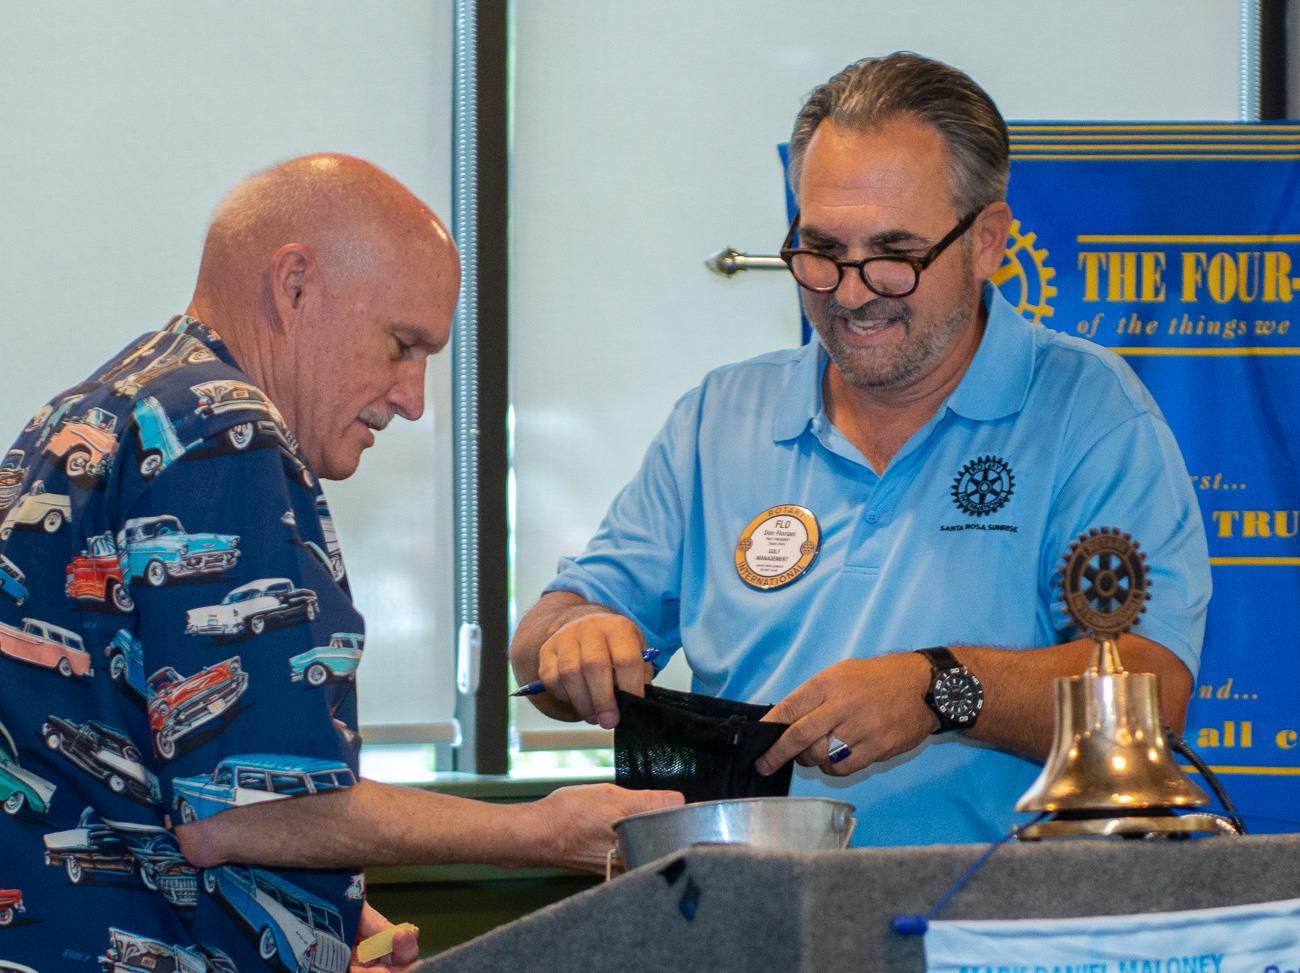 Ken Petro and Don Floriani